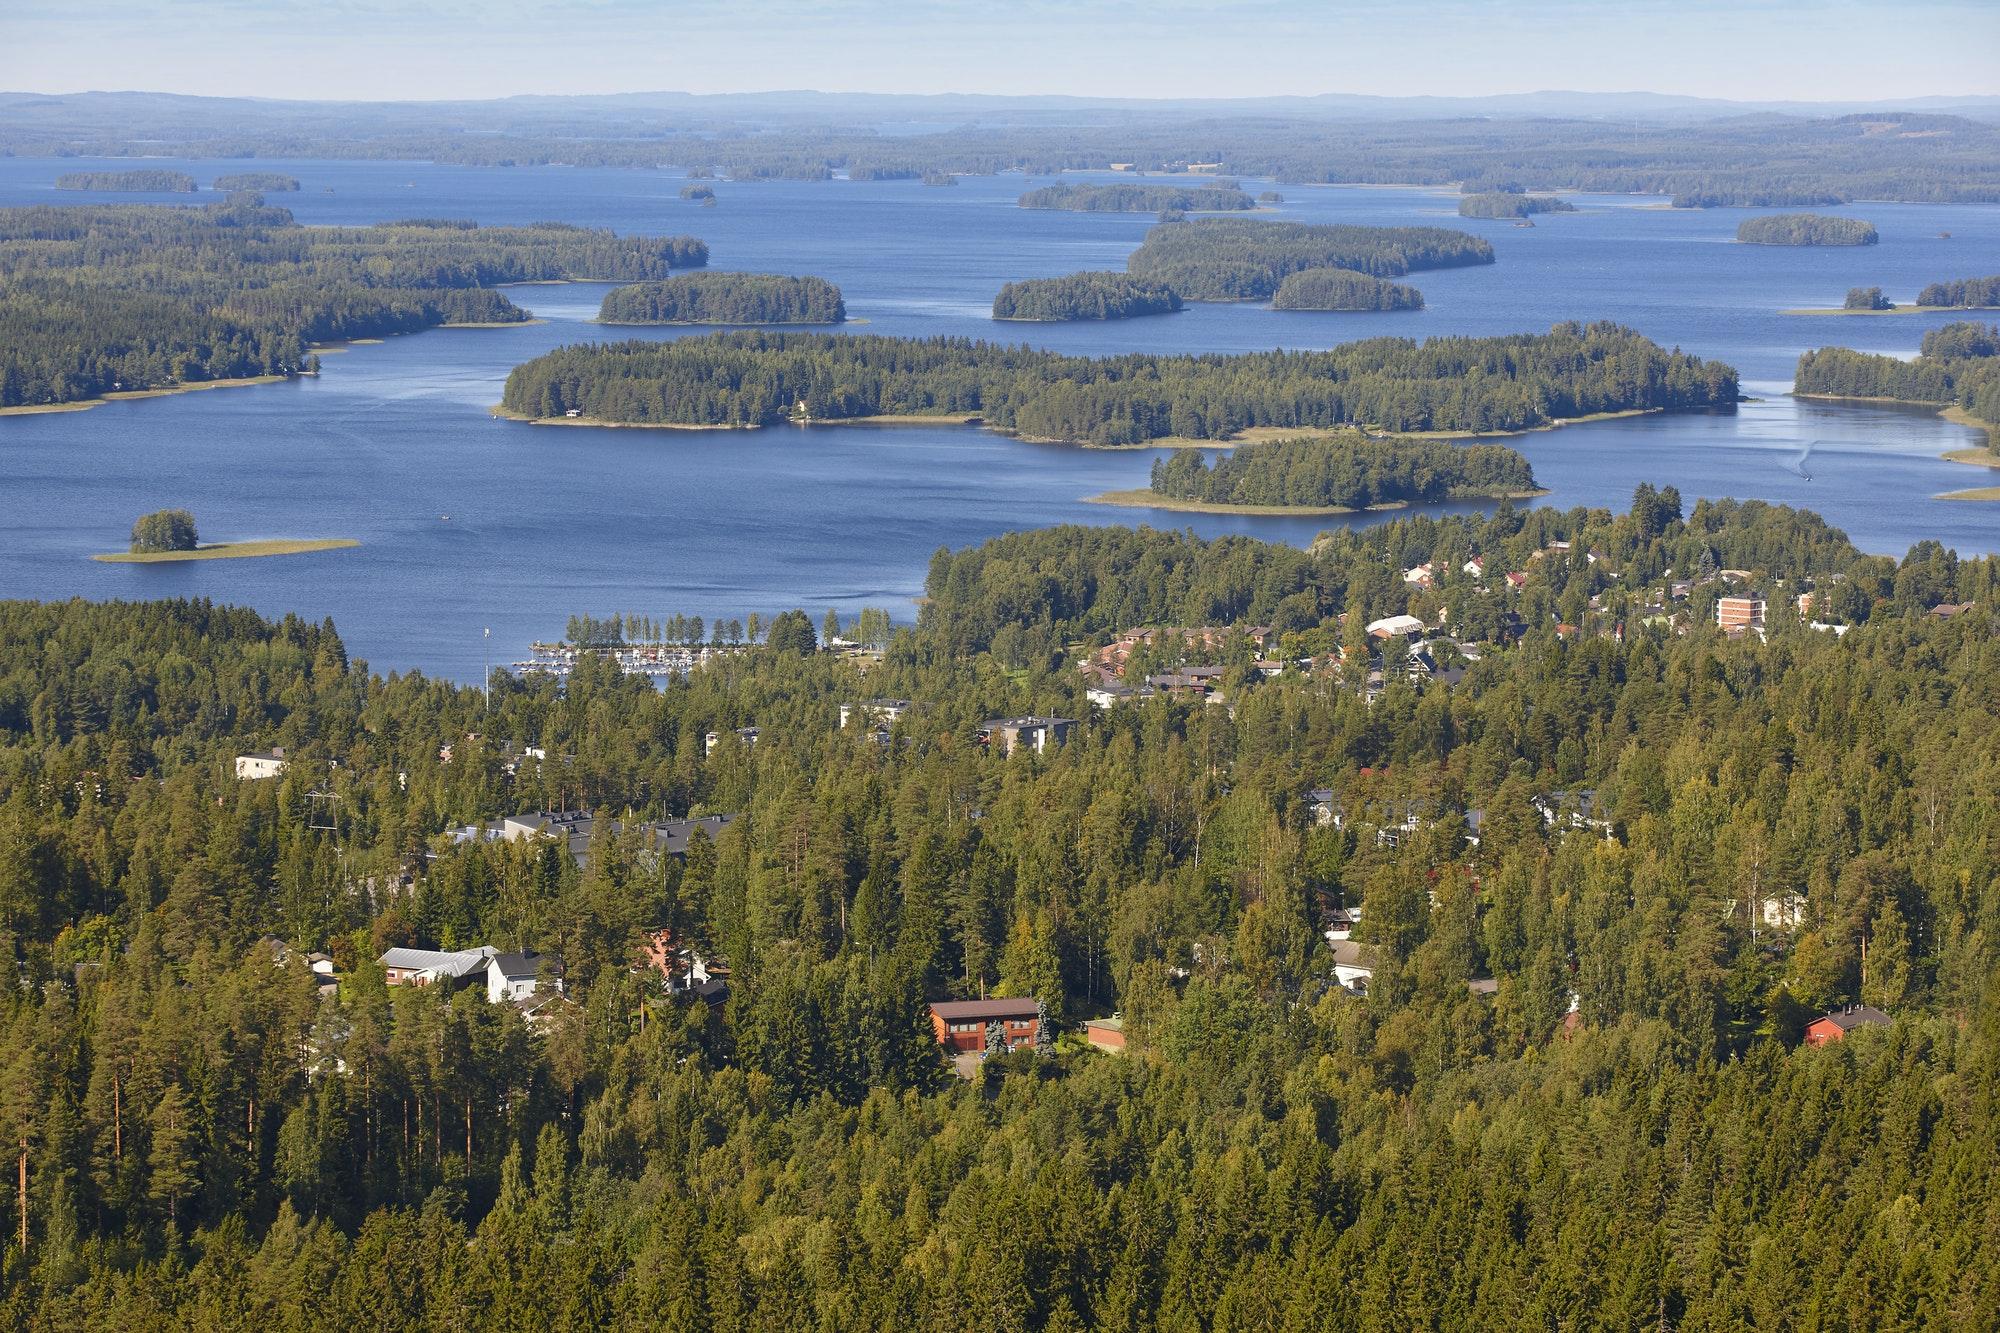 kuopio-village-in-finland-island-forest-lake-finnish-landscape-horizontal.jpg